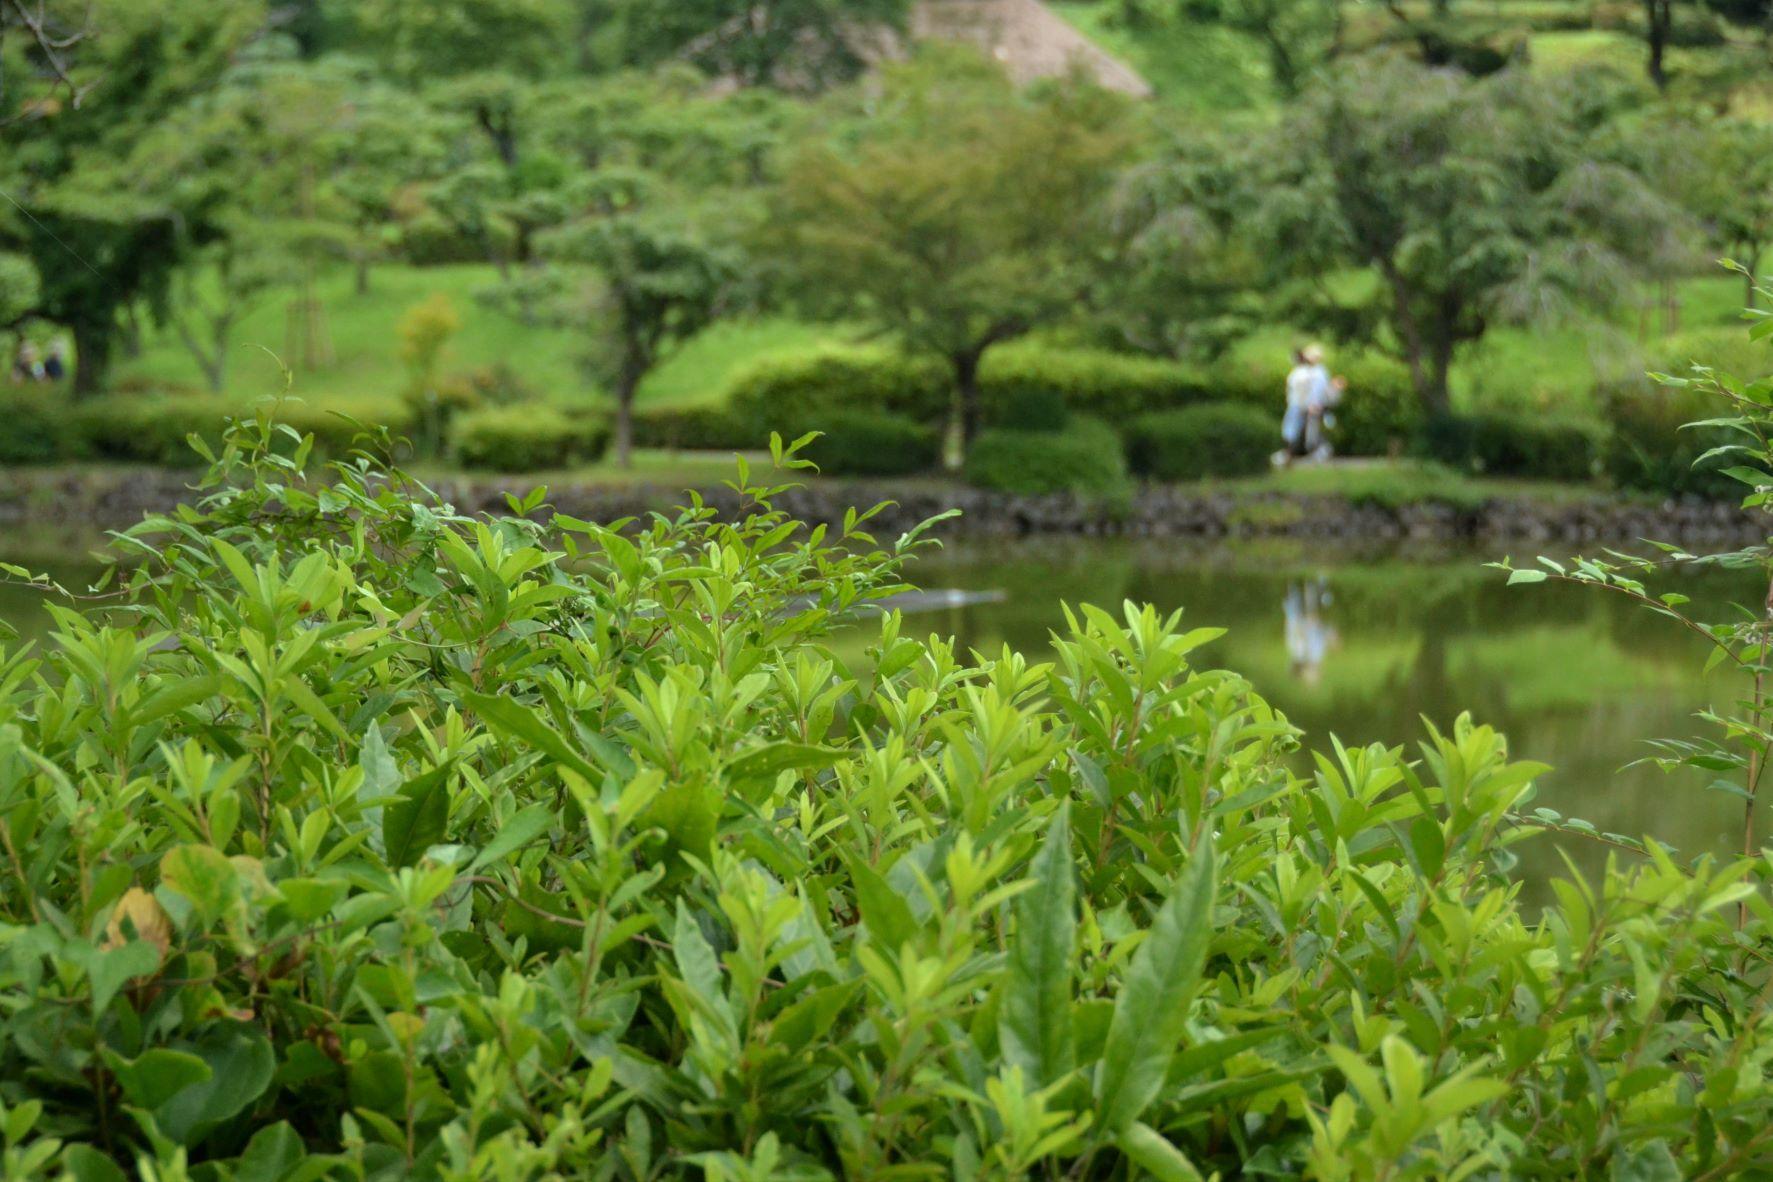 梅雨明けと同時に薬師池公園に・・・_a0053796_11330370.jpg